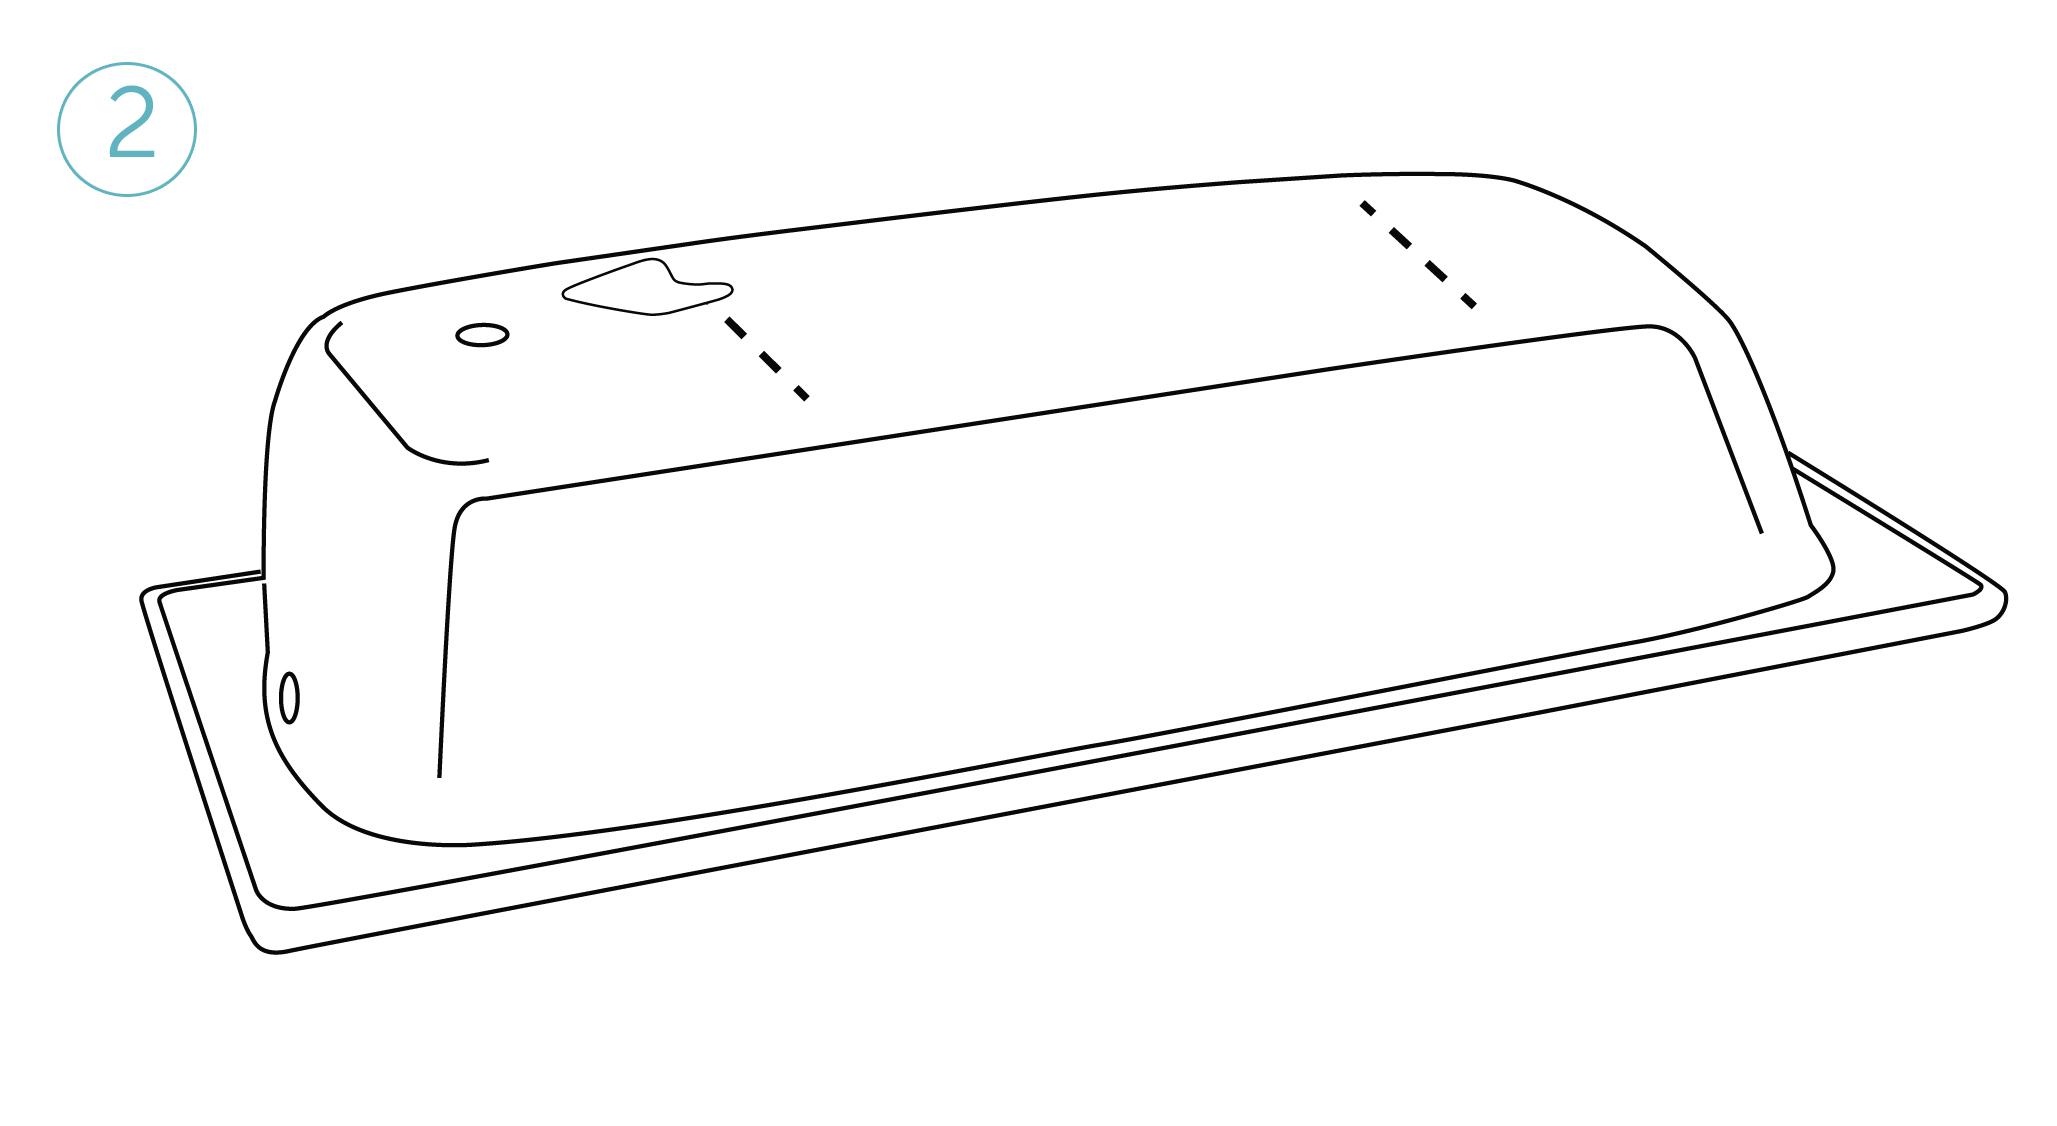 Обезжирьте место непосредственного соприкосновения ножек с ванной, преждечем снять с ножек плёнку (покрытие самоклеющихся ножек).